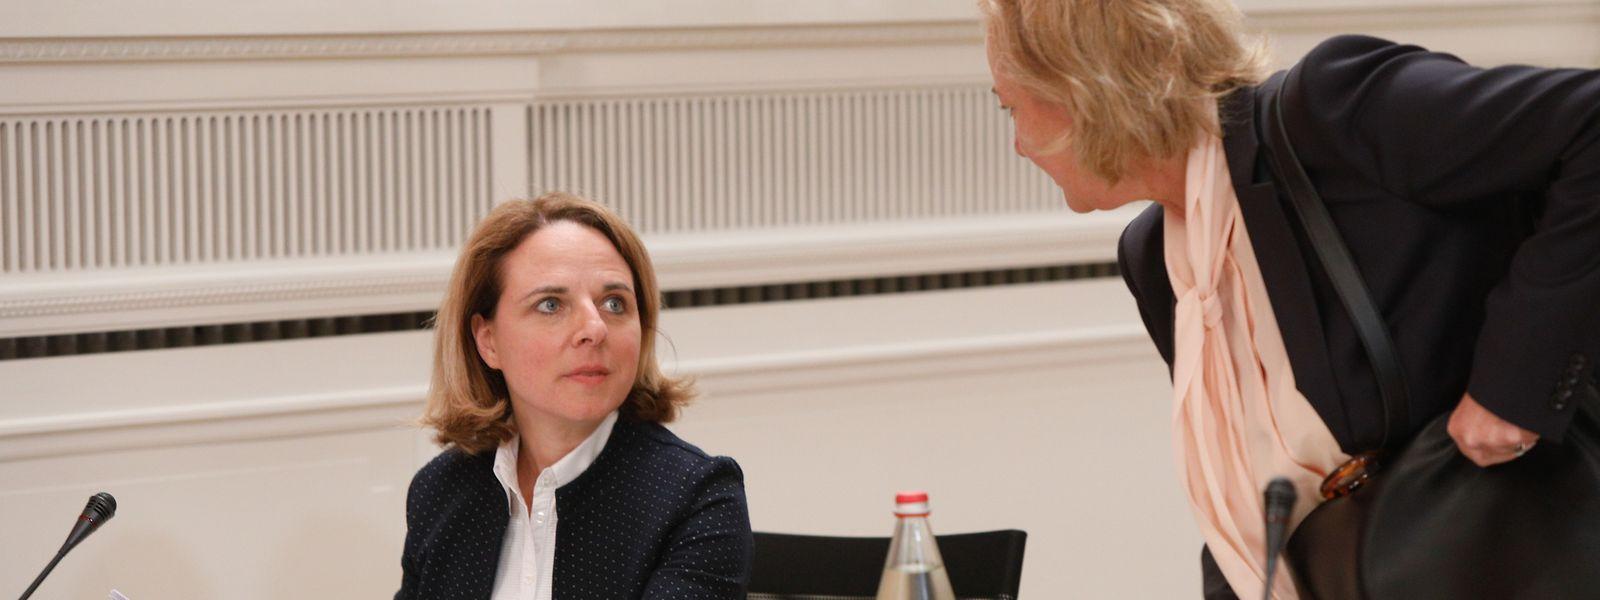 Familienministerin Corinne Cahen meldete sich nach der parlamentarischen Debatte und nach der Rücktrittsforderung der Opposition nicht zu Wort. Stattdessen bezog Gesundheitsministerin Lenert Stellung.